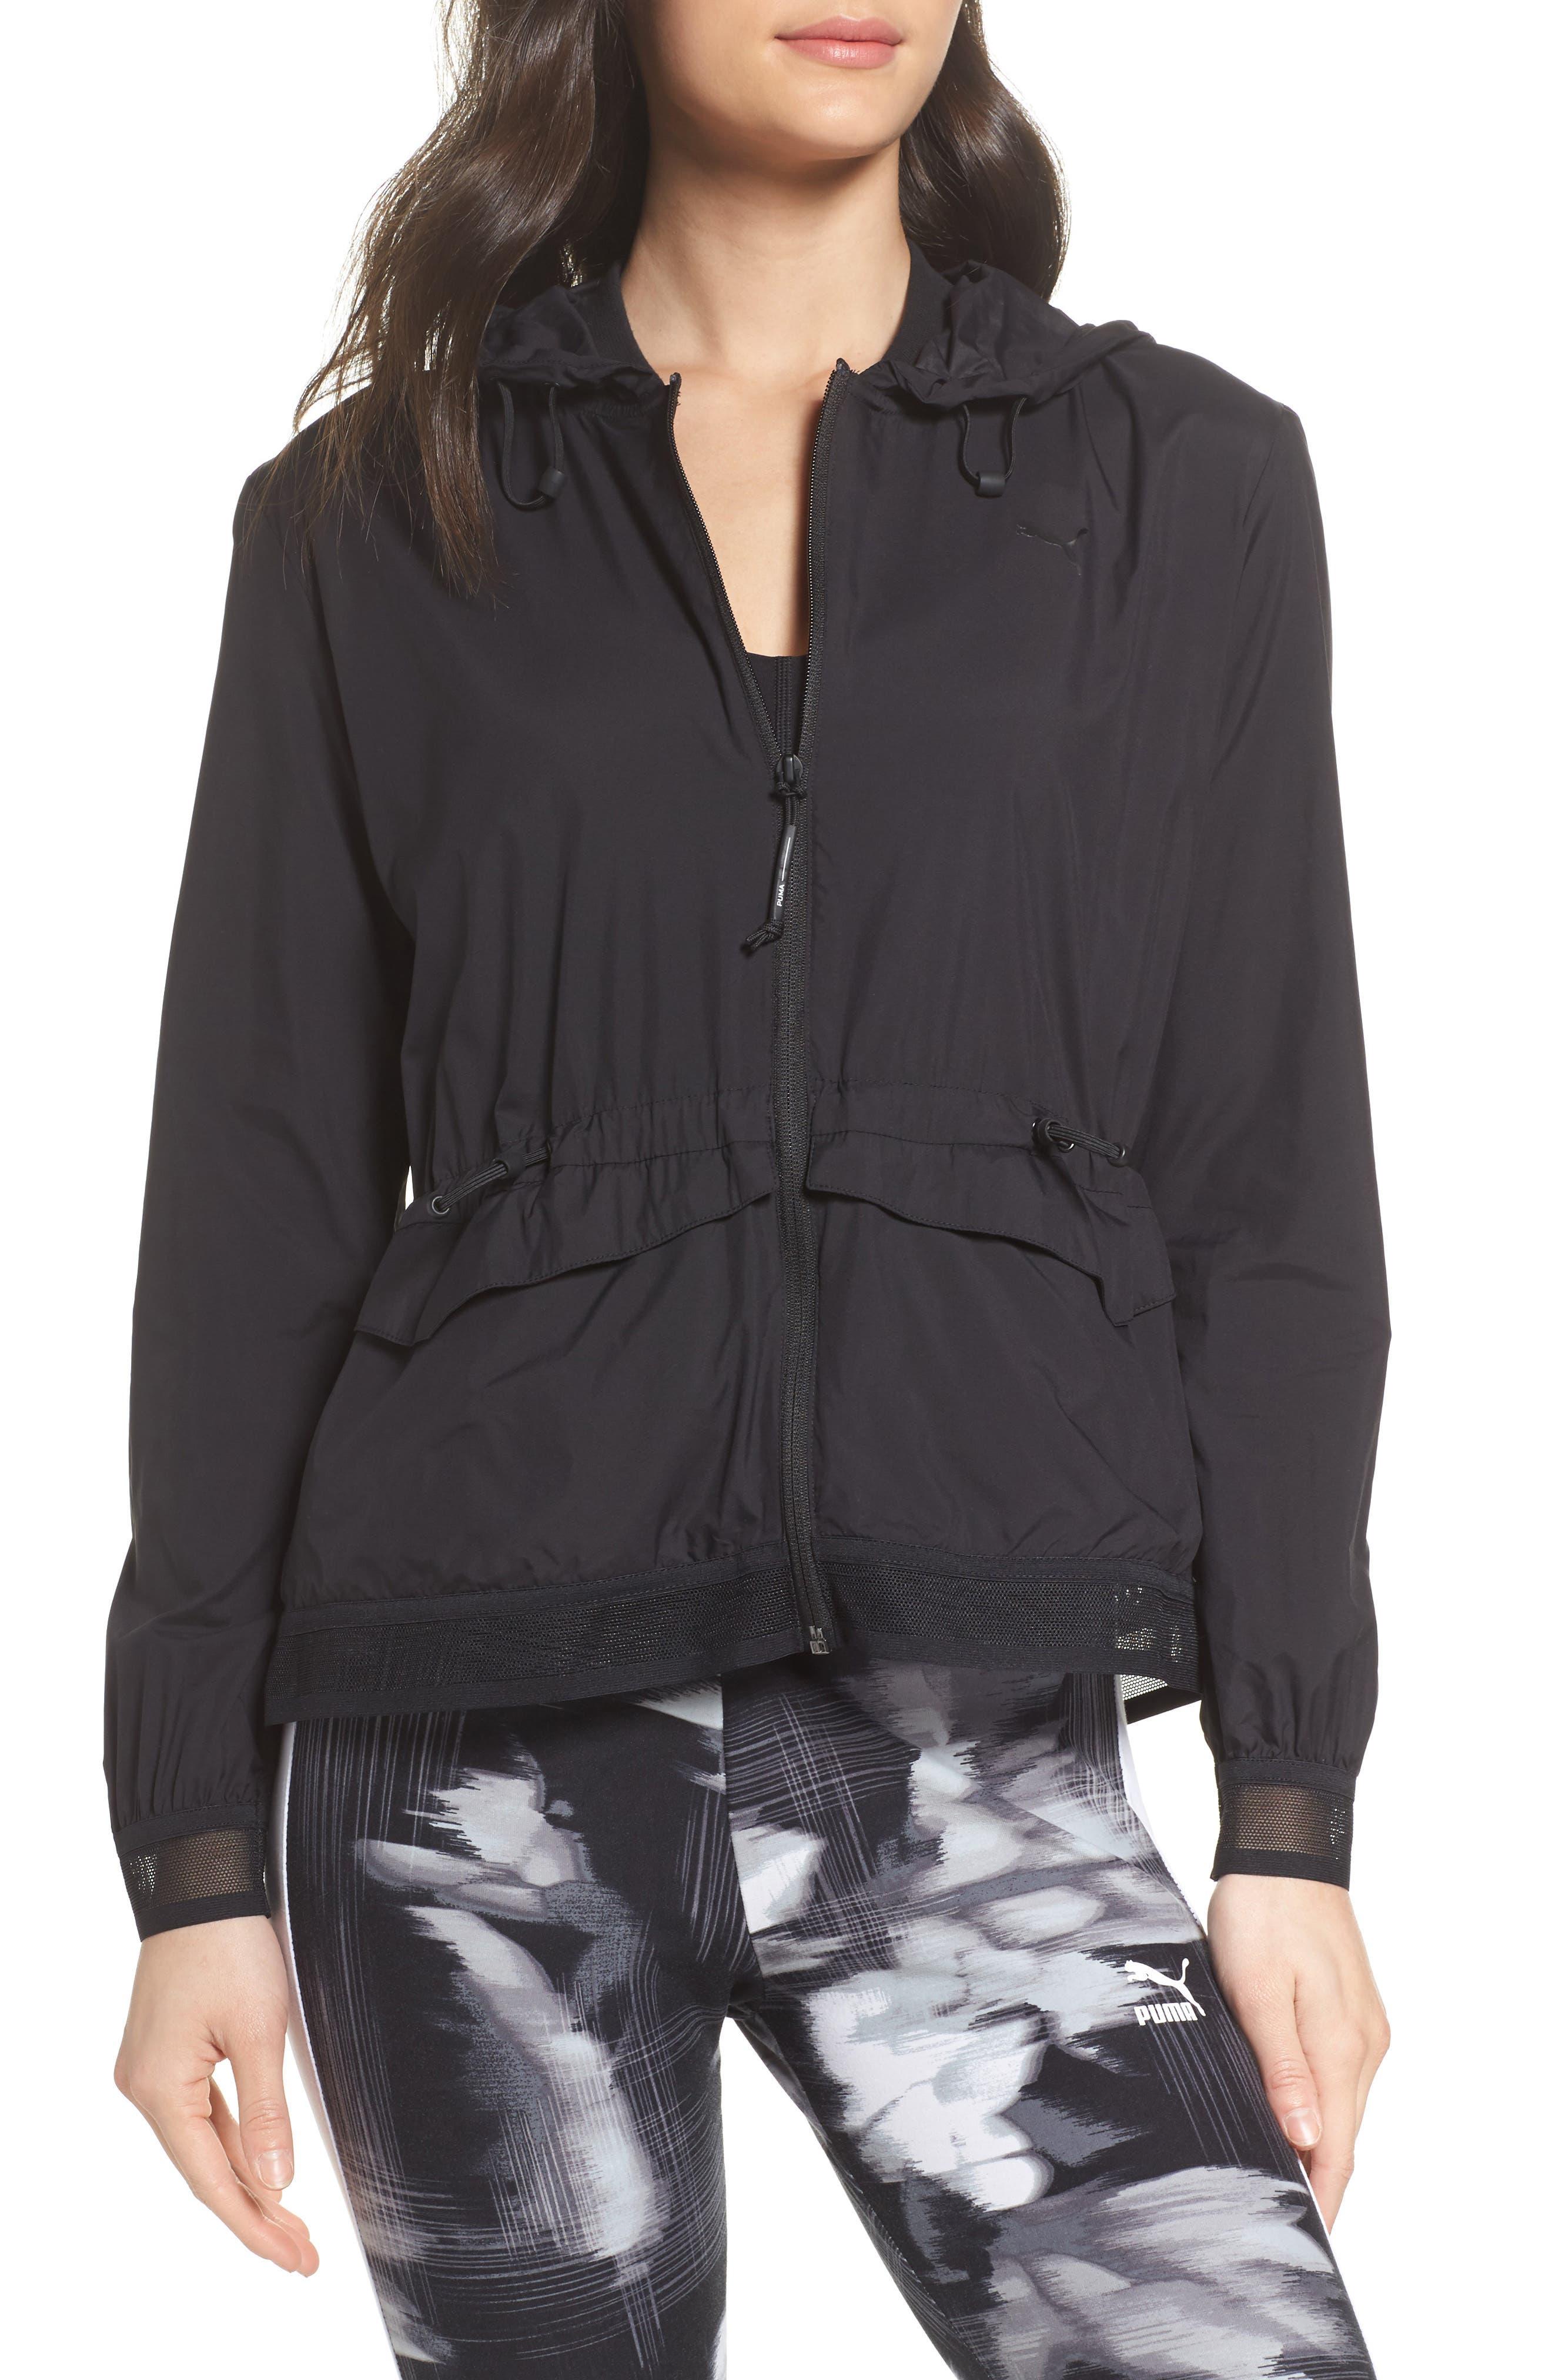 Main Image - Puma Evo Foldable Windrunner Jacket